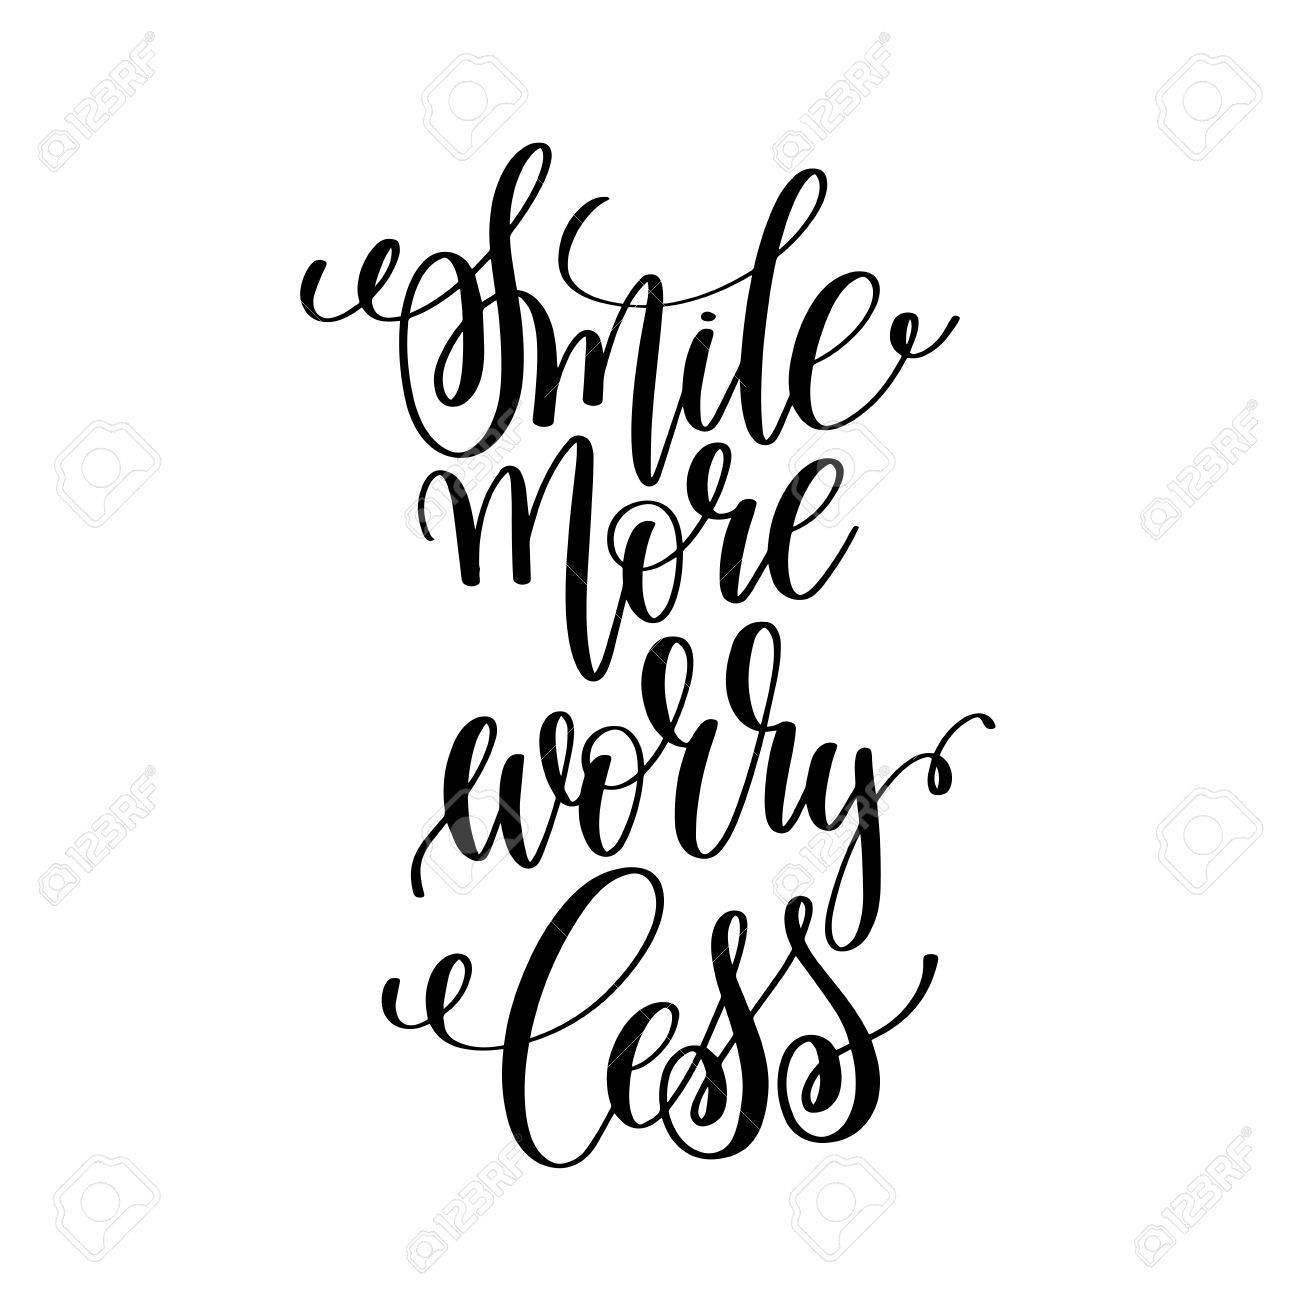 Um Sorriso Mais Se Preocupe Menos Preto E Branco Escritos à Mão Lettering Positivo Citação Motivação E Inspiração Moderna Frase De Caligrafia Poster